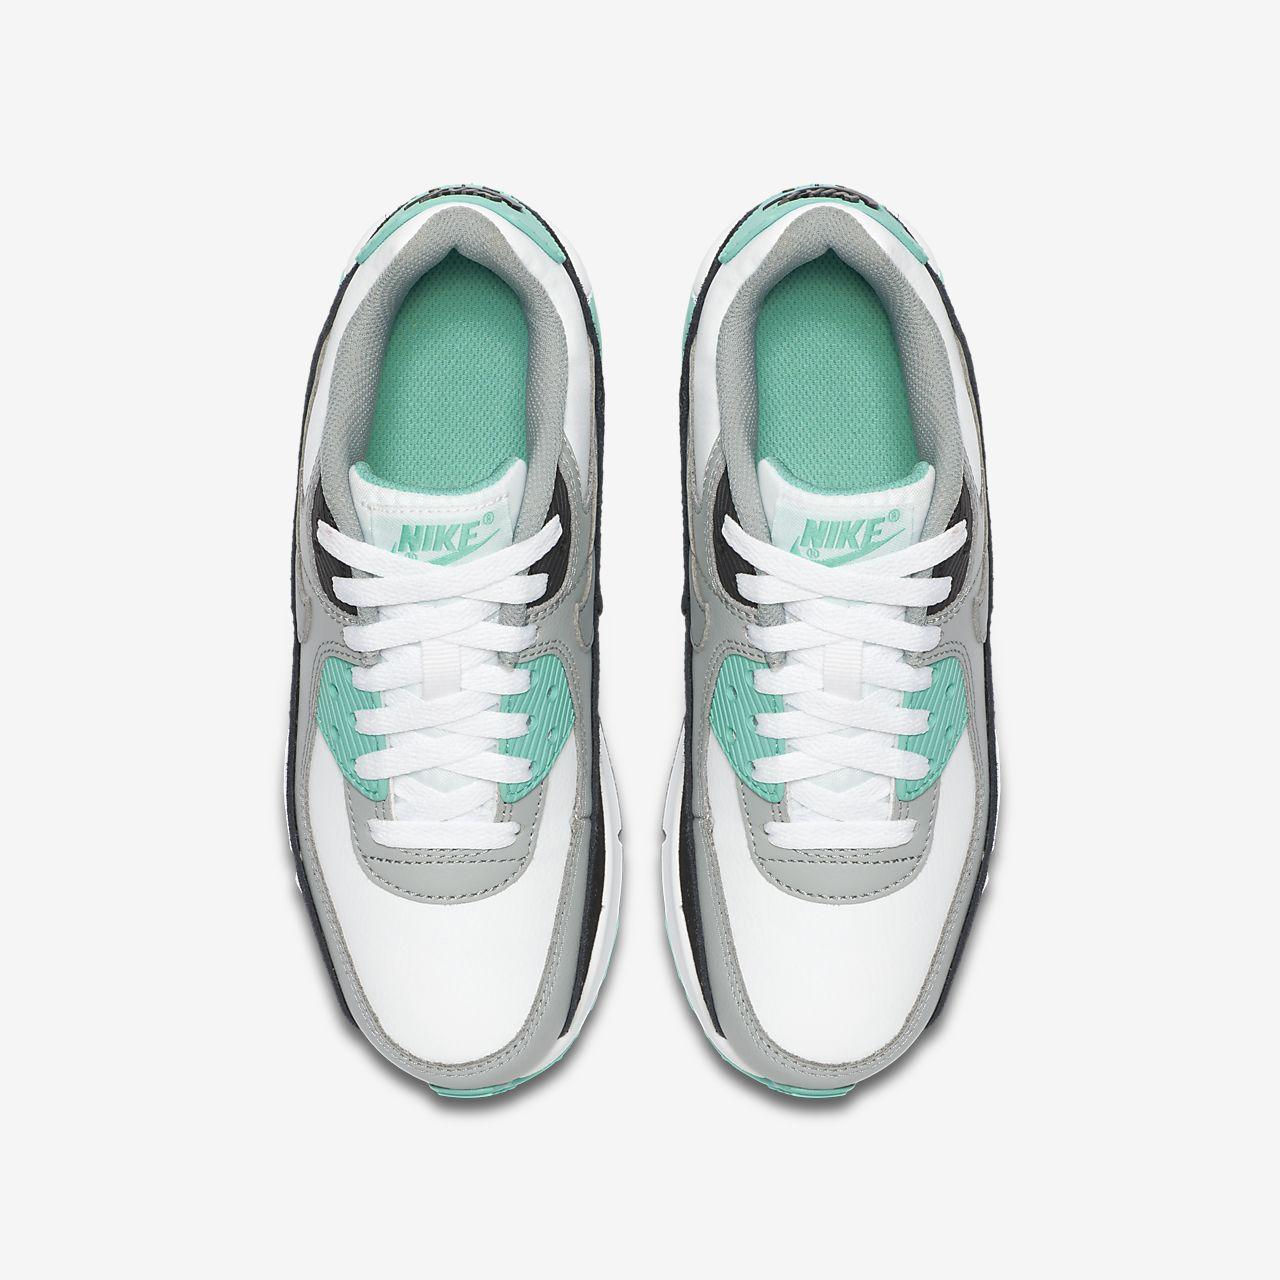 90 Air âgé Max LTR Enfant plus Nike pour Chaussure fvYgby76